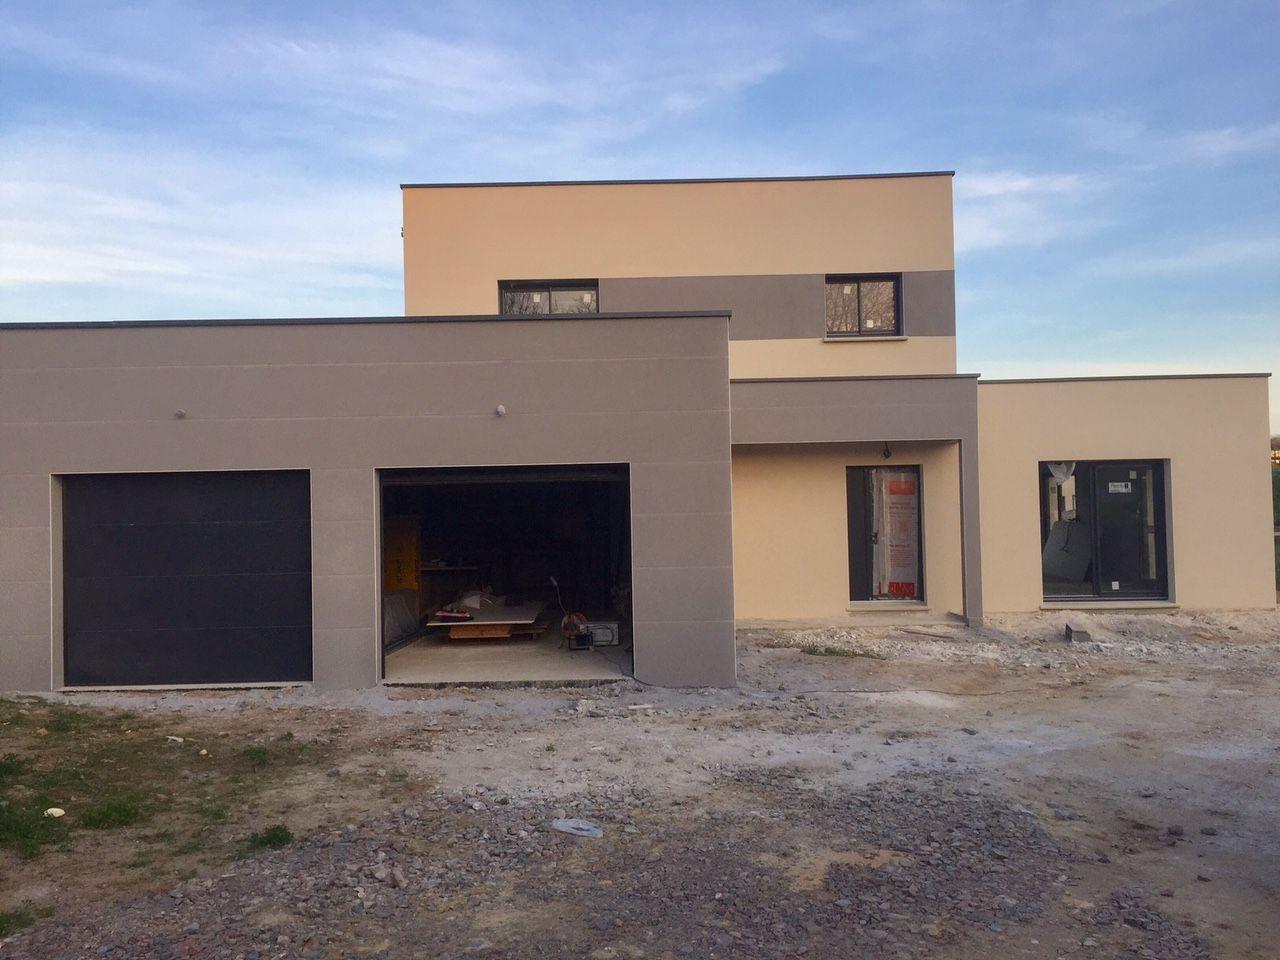 pose des menuiseries du garage toiture bac acier enduit de la maison et du garage chinon. Black Bedroom Furniture Sets. Home Design Ideas